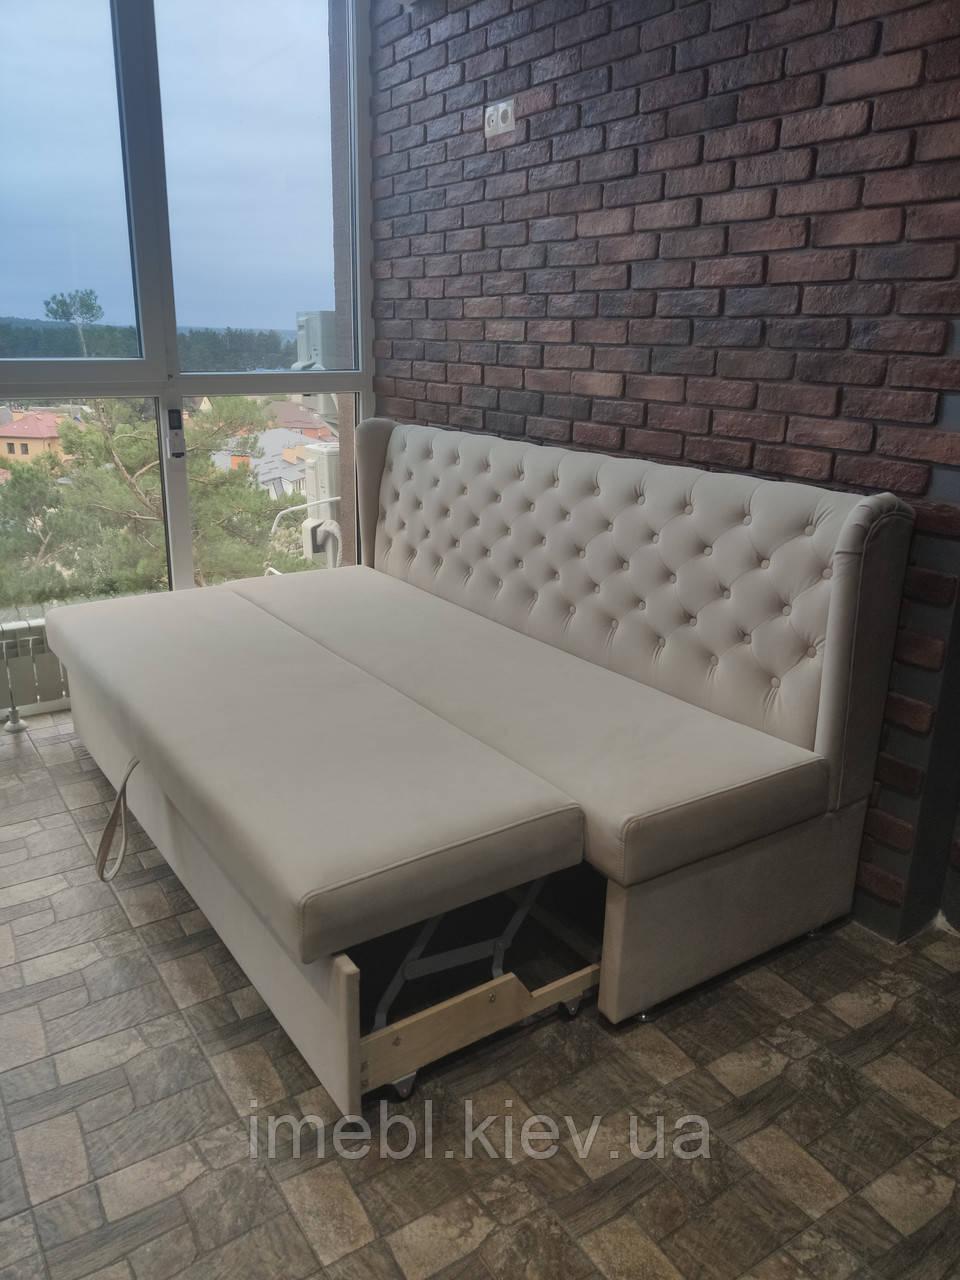 Раскладной диван для кухни (Светло-серый)